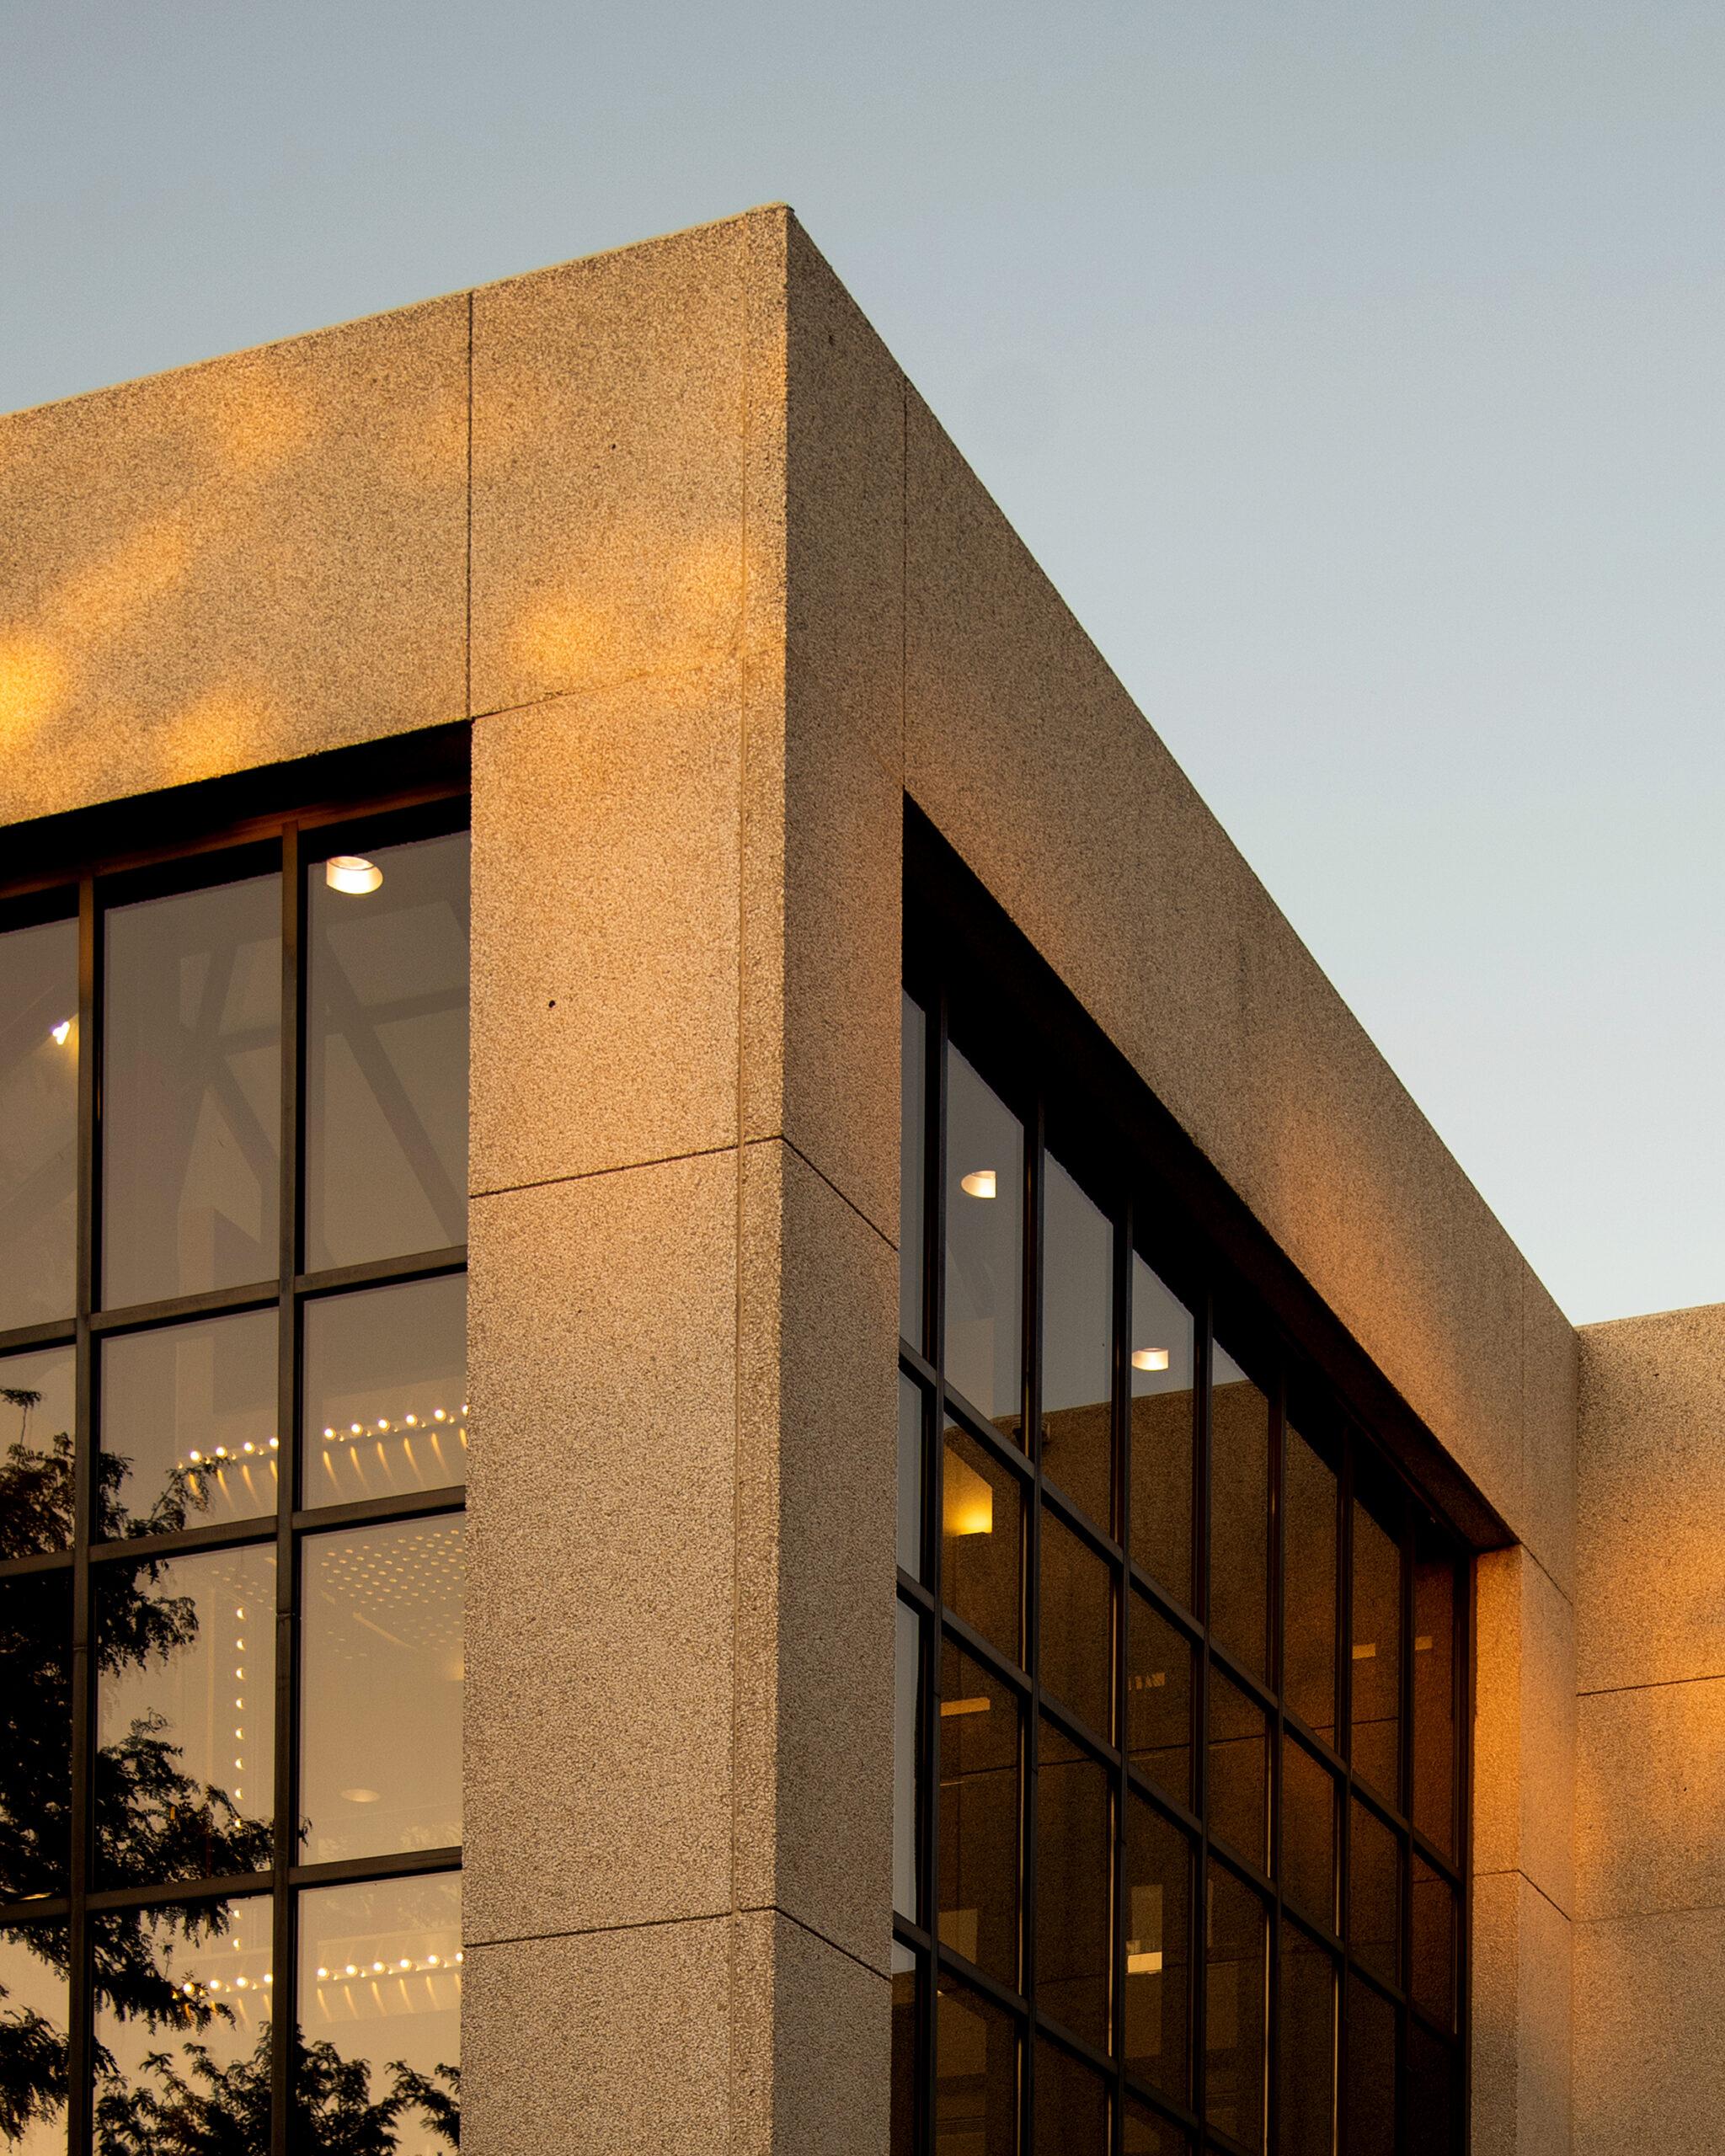 Architecture_001